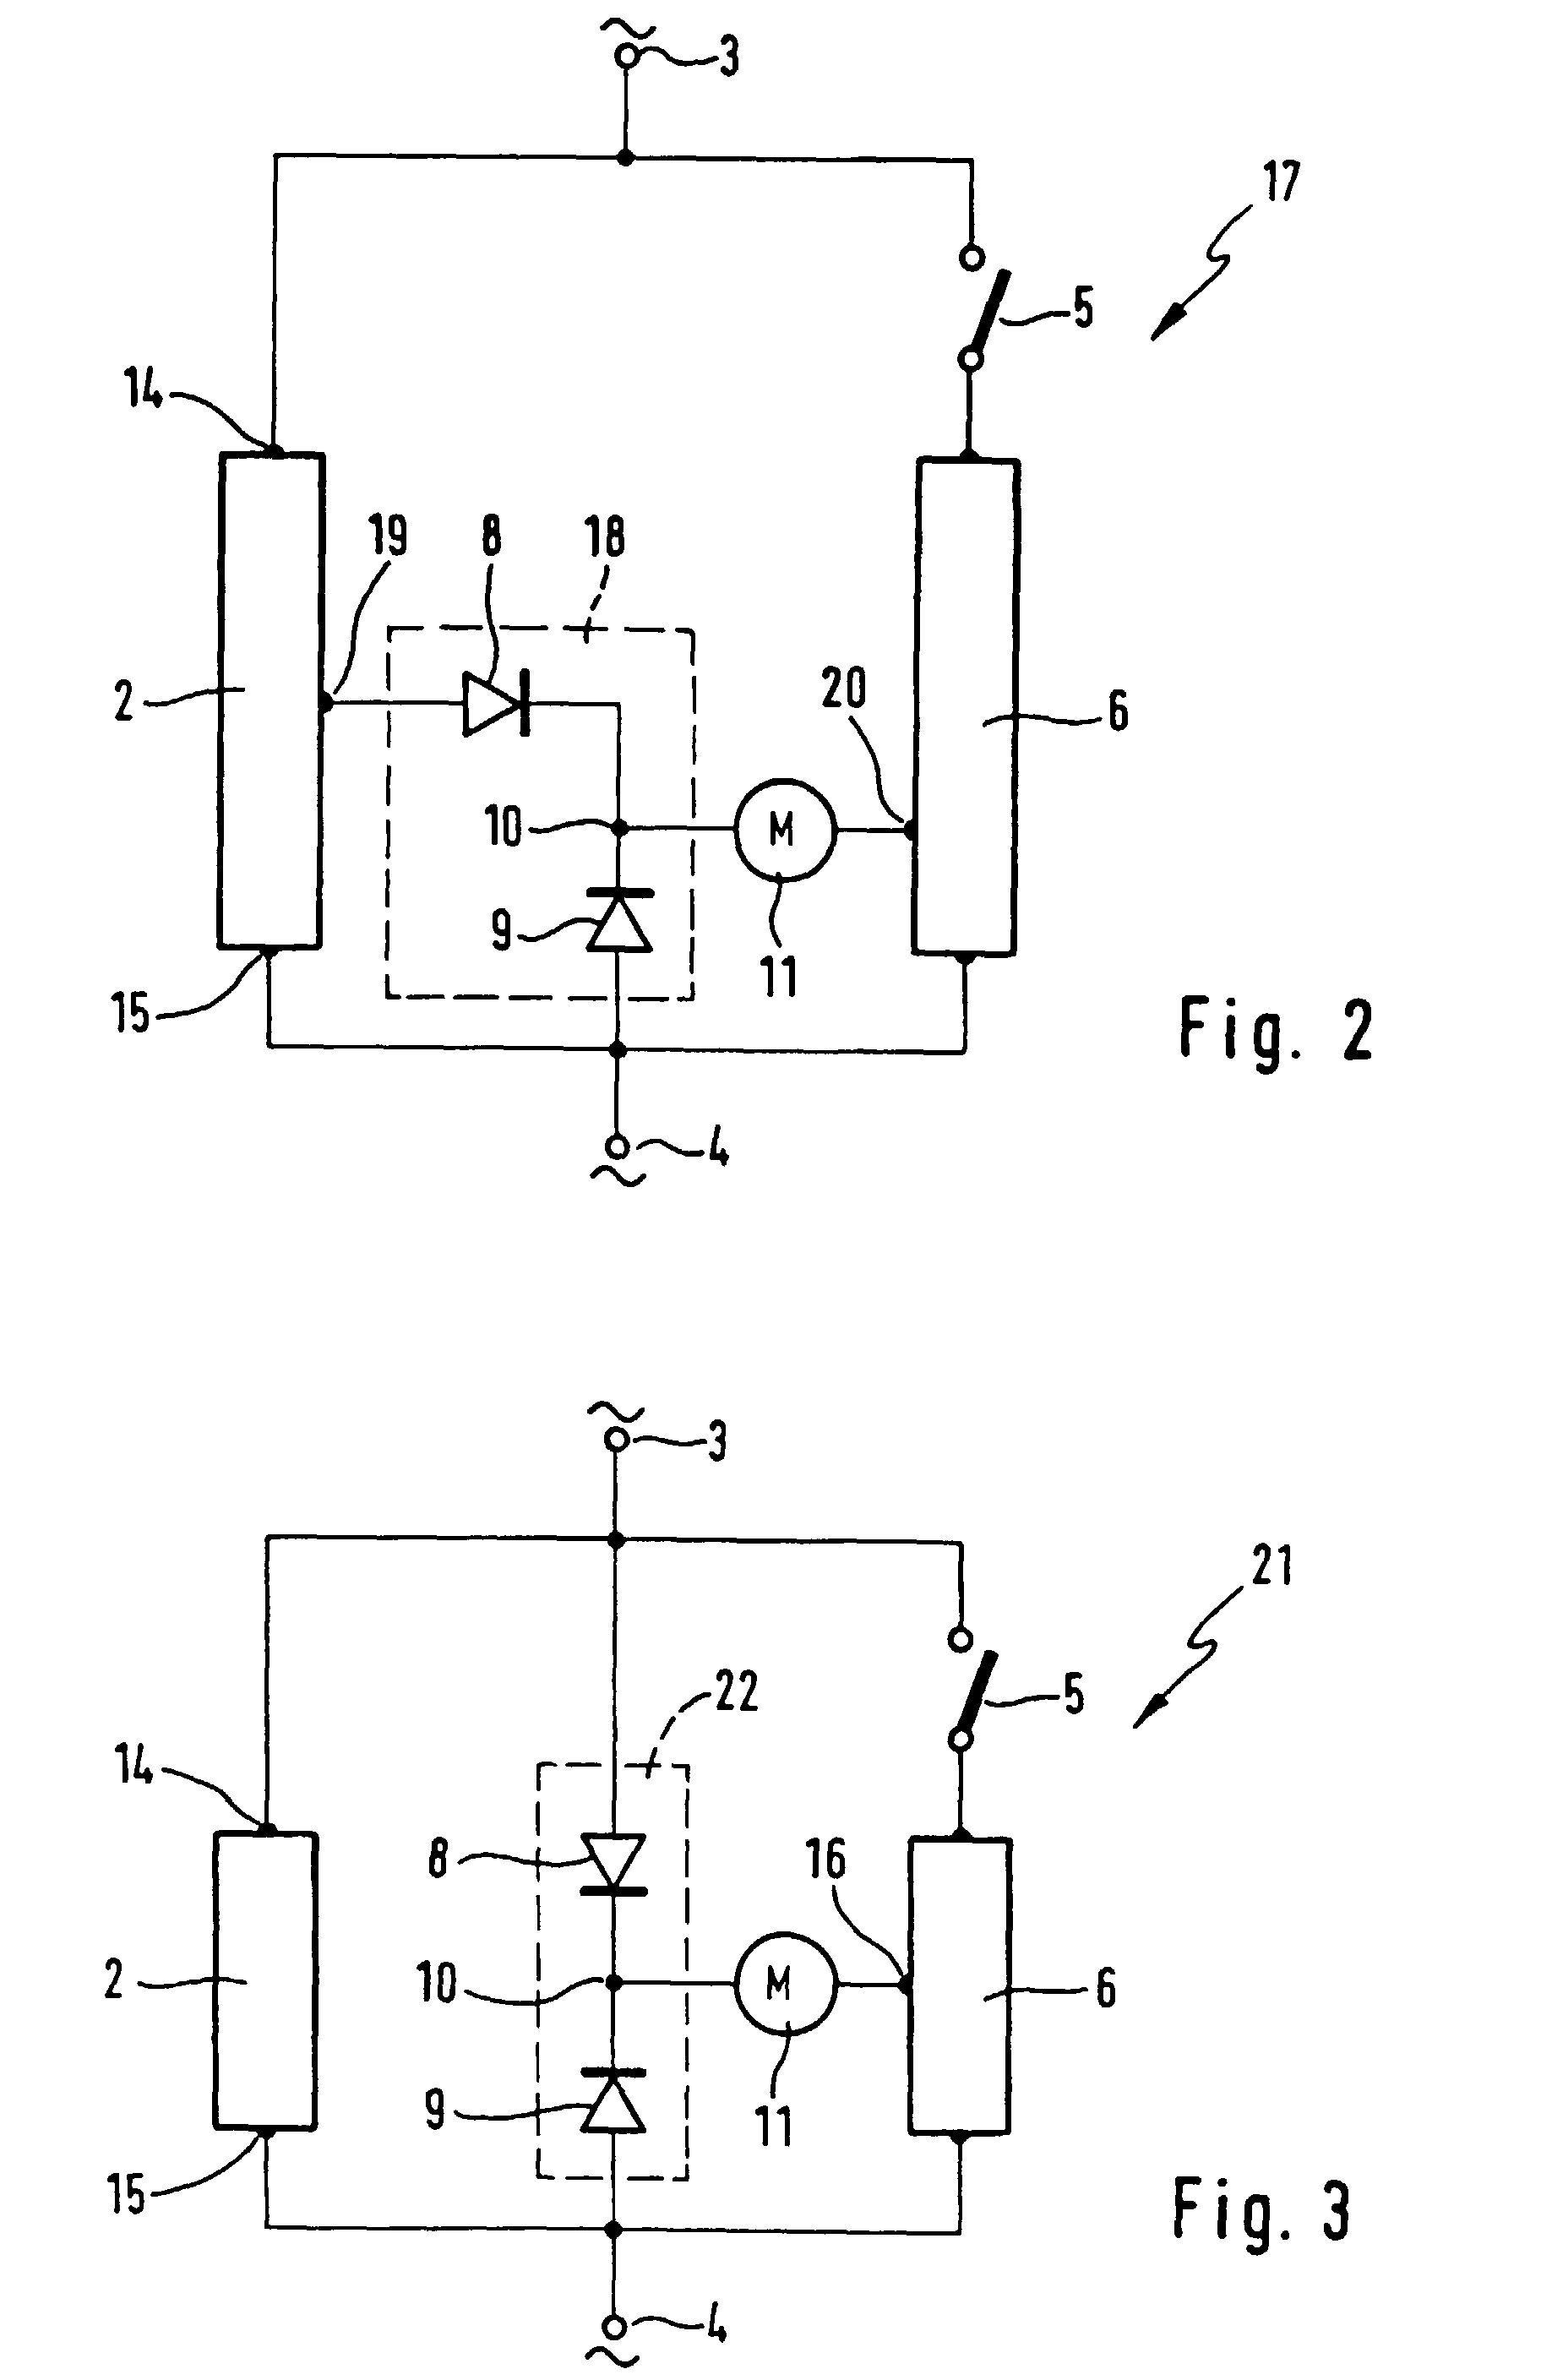 electric motor bedradings schema rectifier